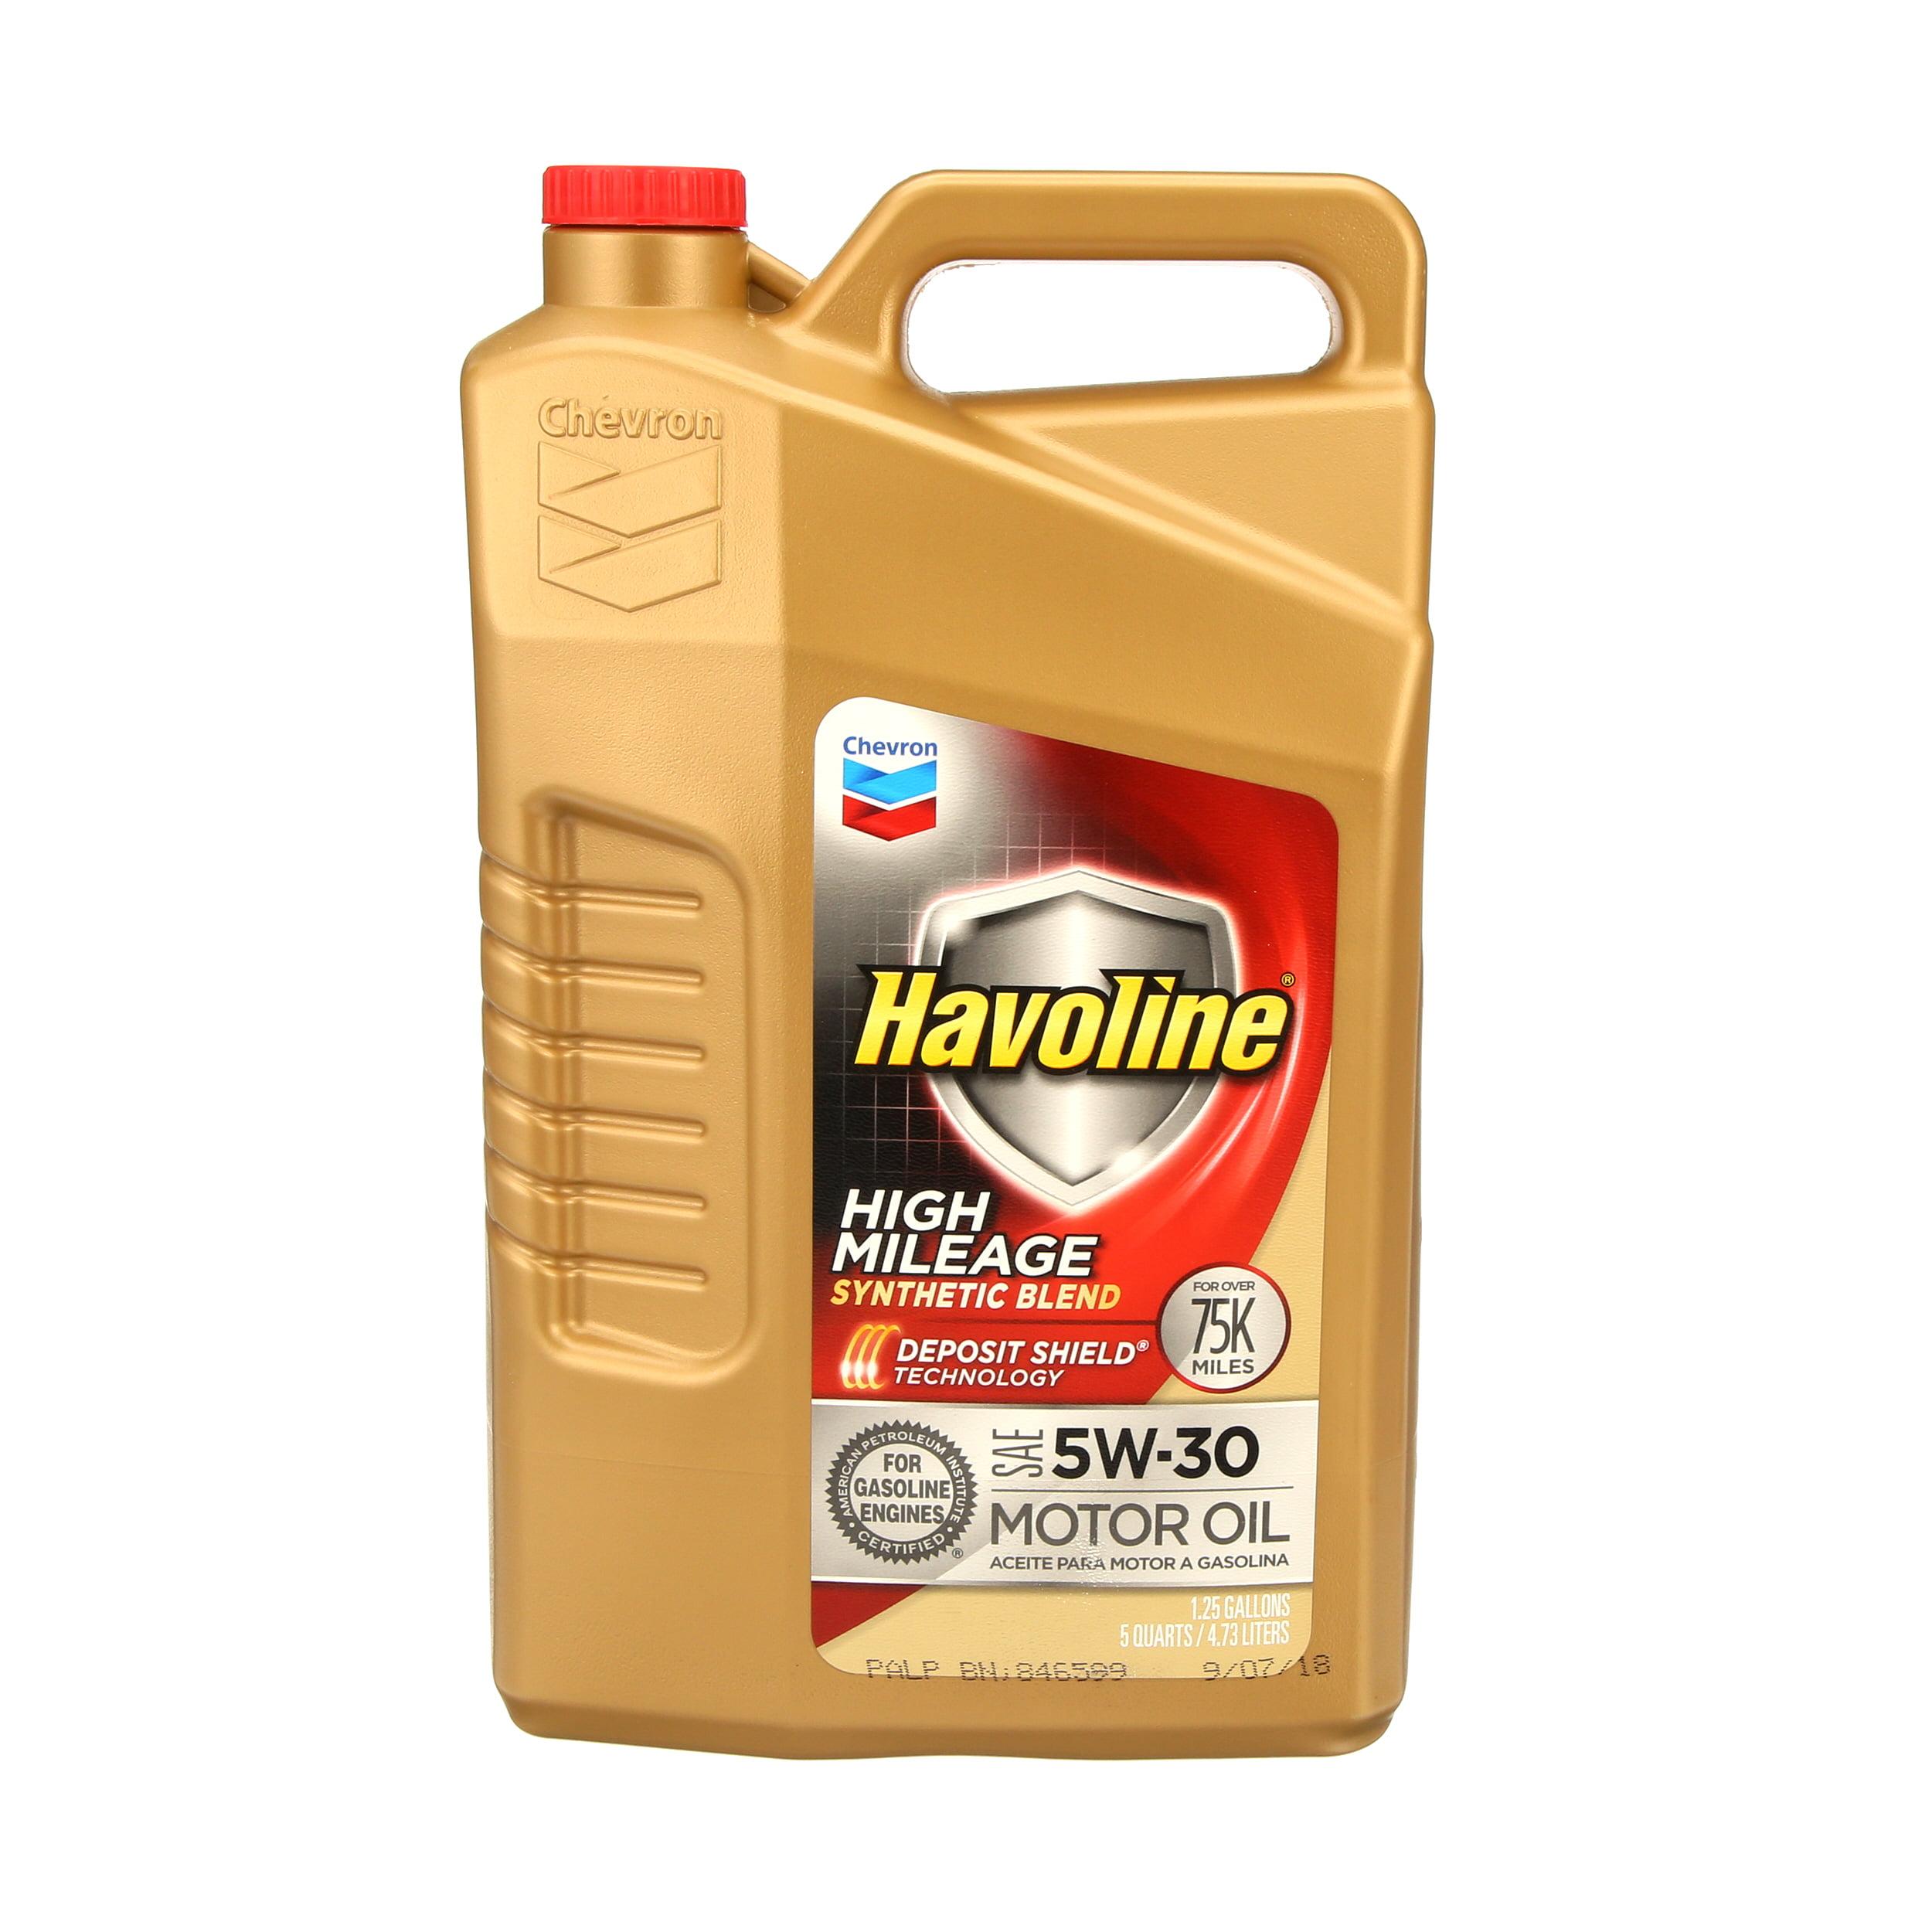 Havoline Himi Motor Oil 5W30, 5 qt - Walmart com